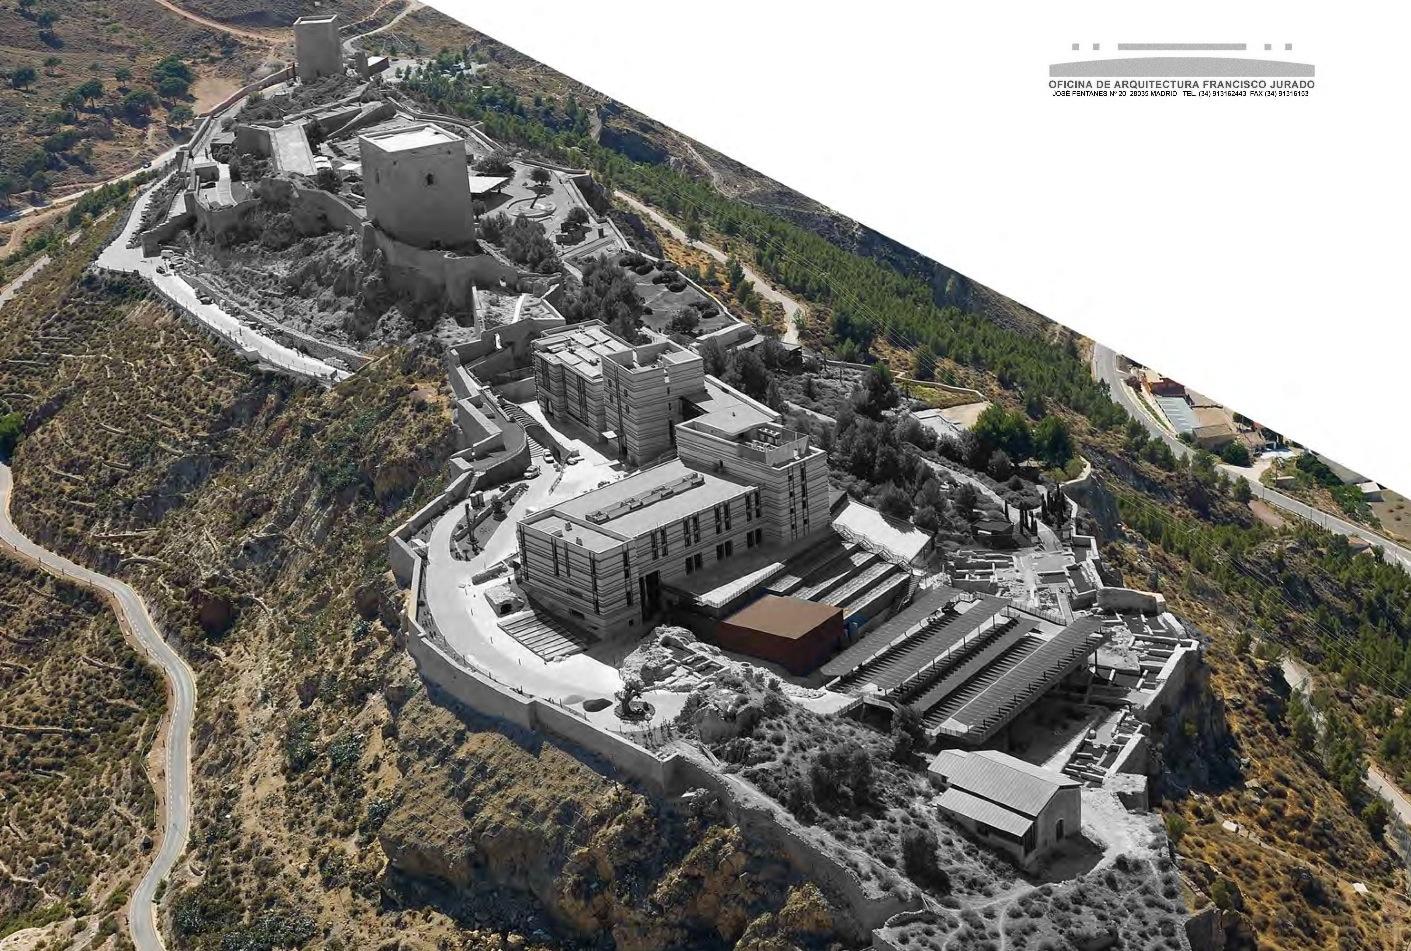 Castillo de lorca: fuente oficina francisco jurado, arquitecto